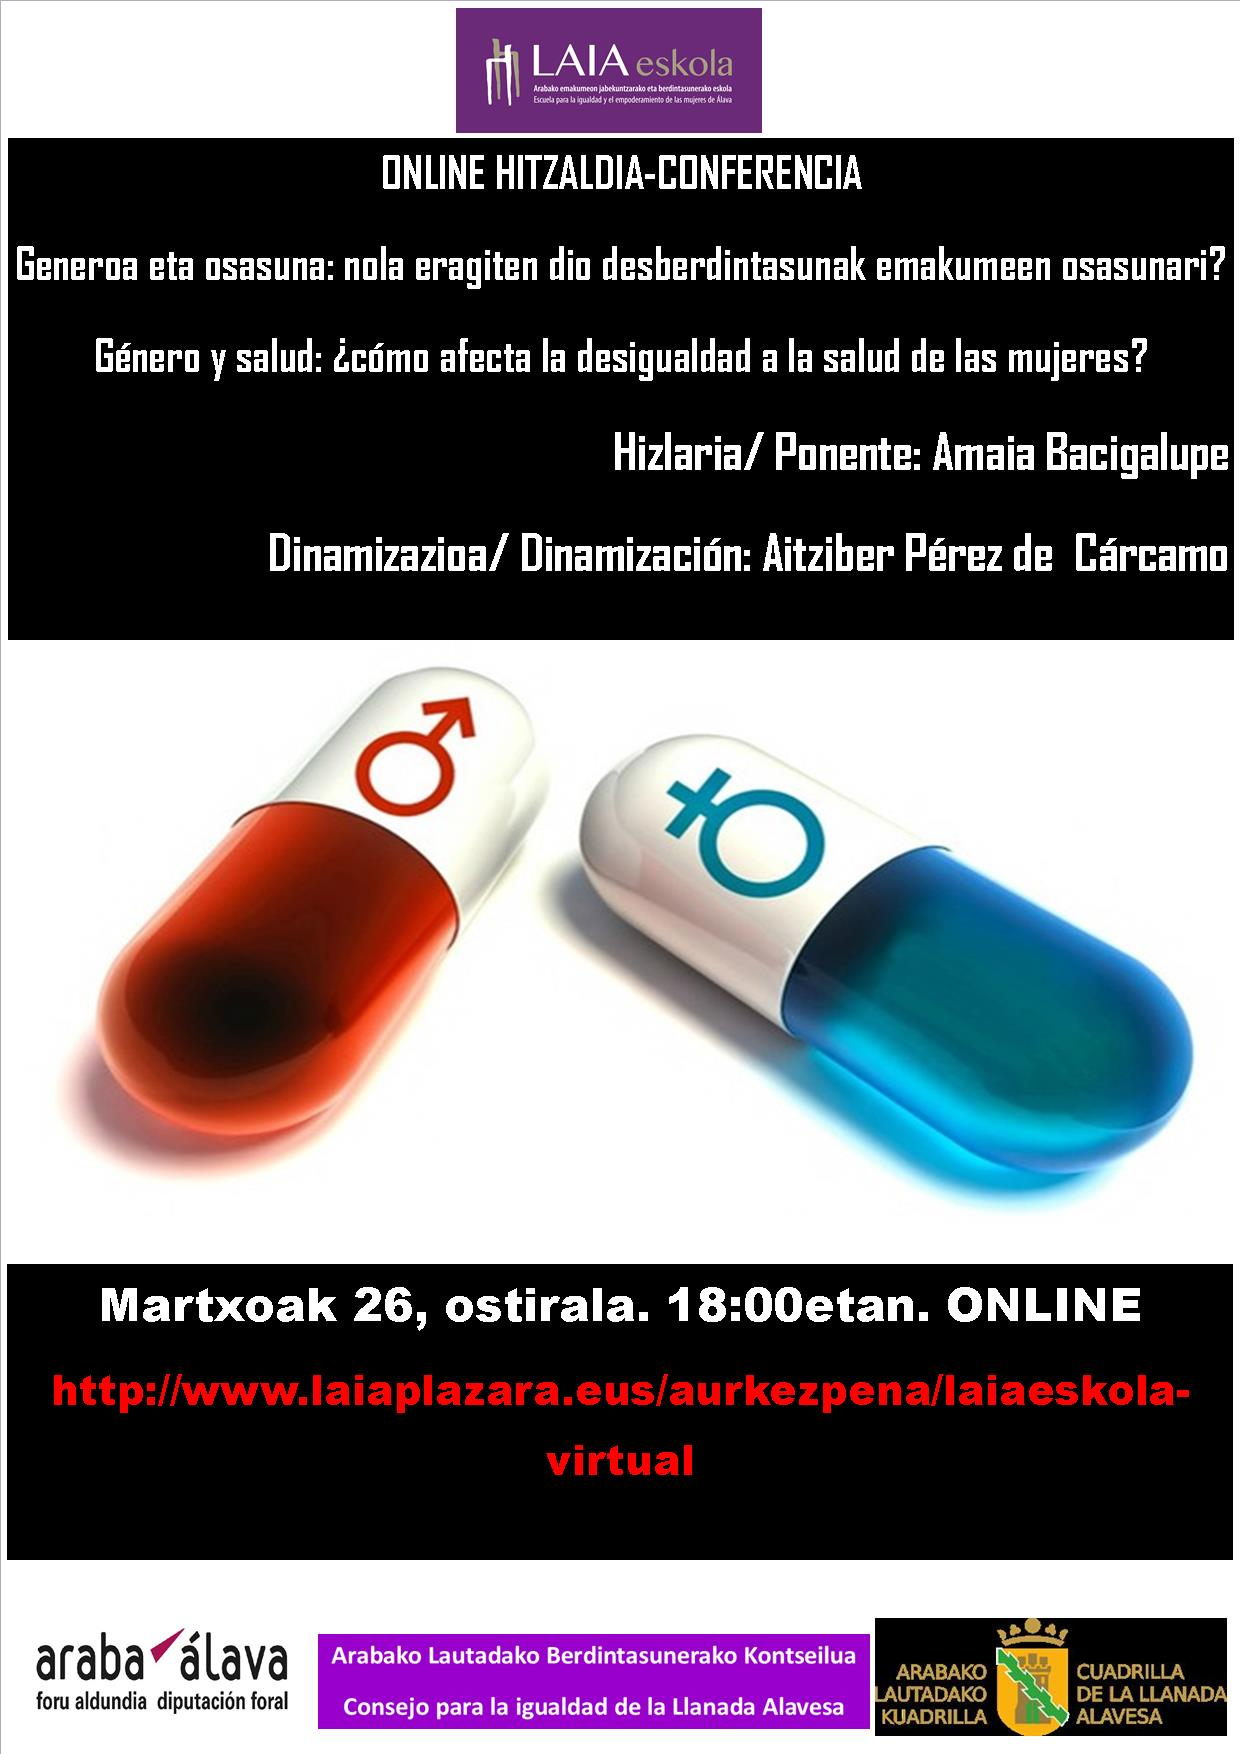 Charla online: Genero y salud